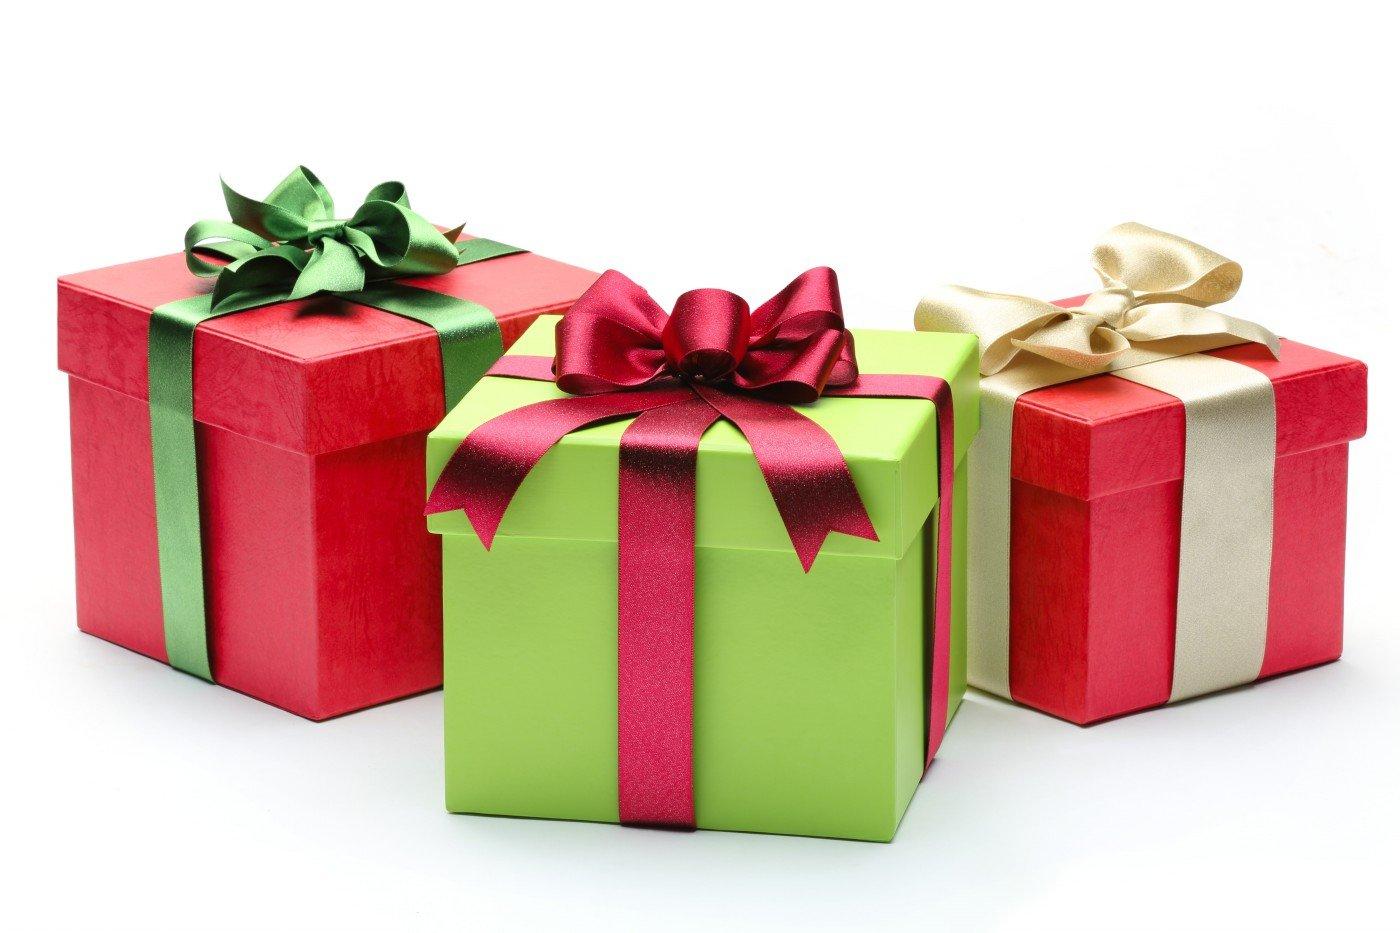 Разработанный в российской столице сервис утилизации подарков даст возможность обменять носки набукет цветов